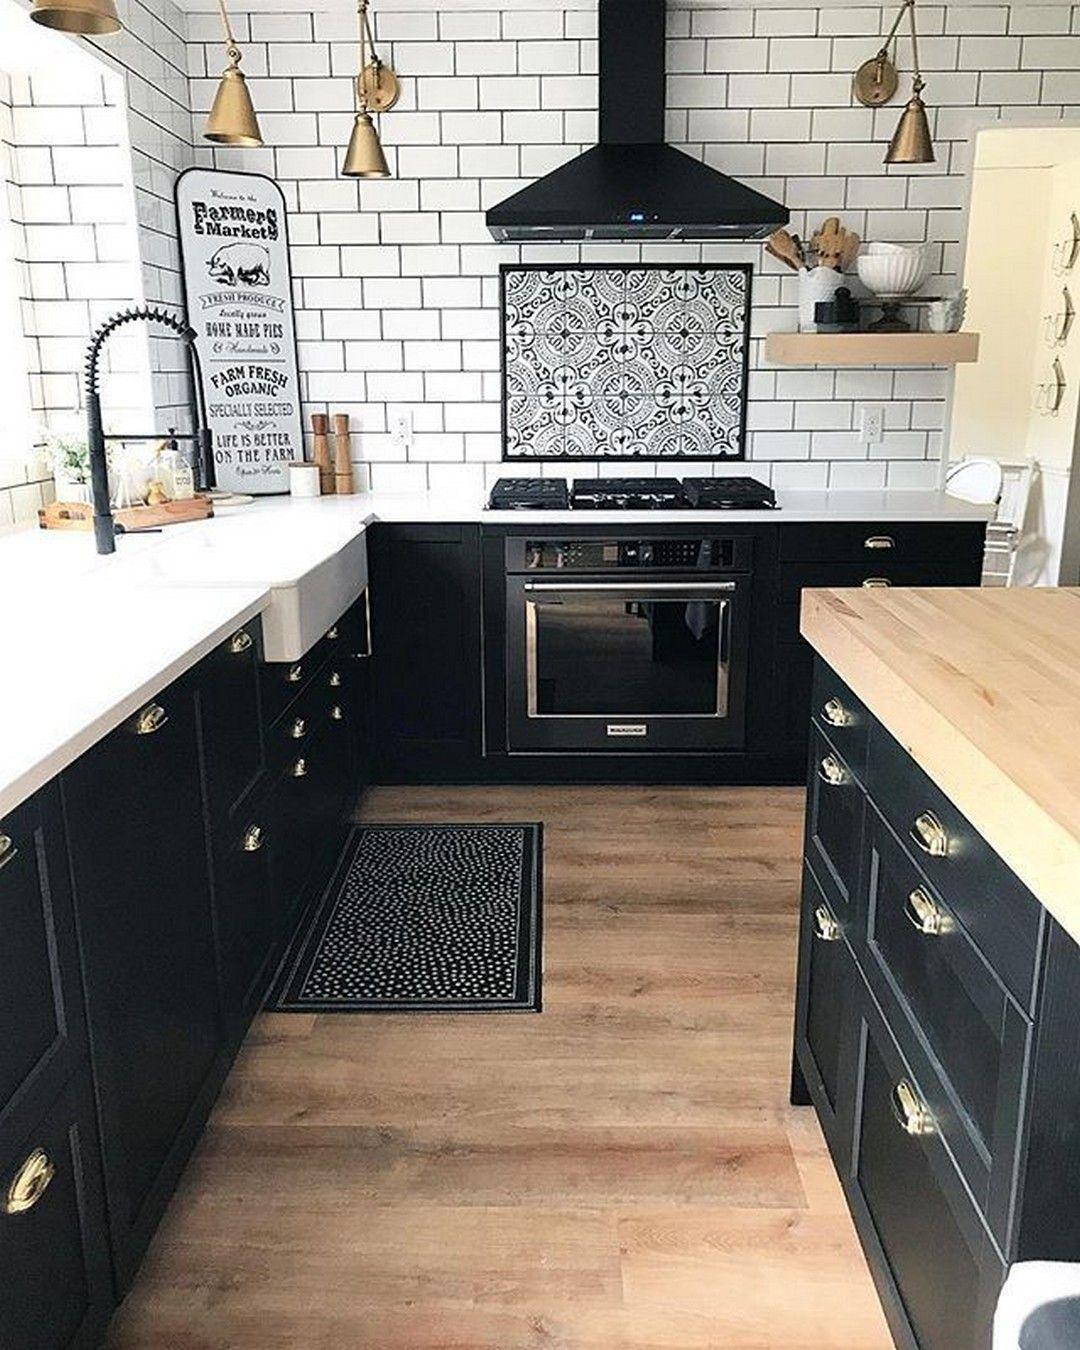 Best Simple Kitchen Design Ideas Simplekitchendesign Simplekitchen Smallkitchen Home Decor Kitchen Kitchen Inspirations Kitchen Design